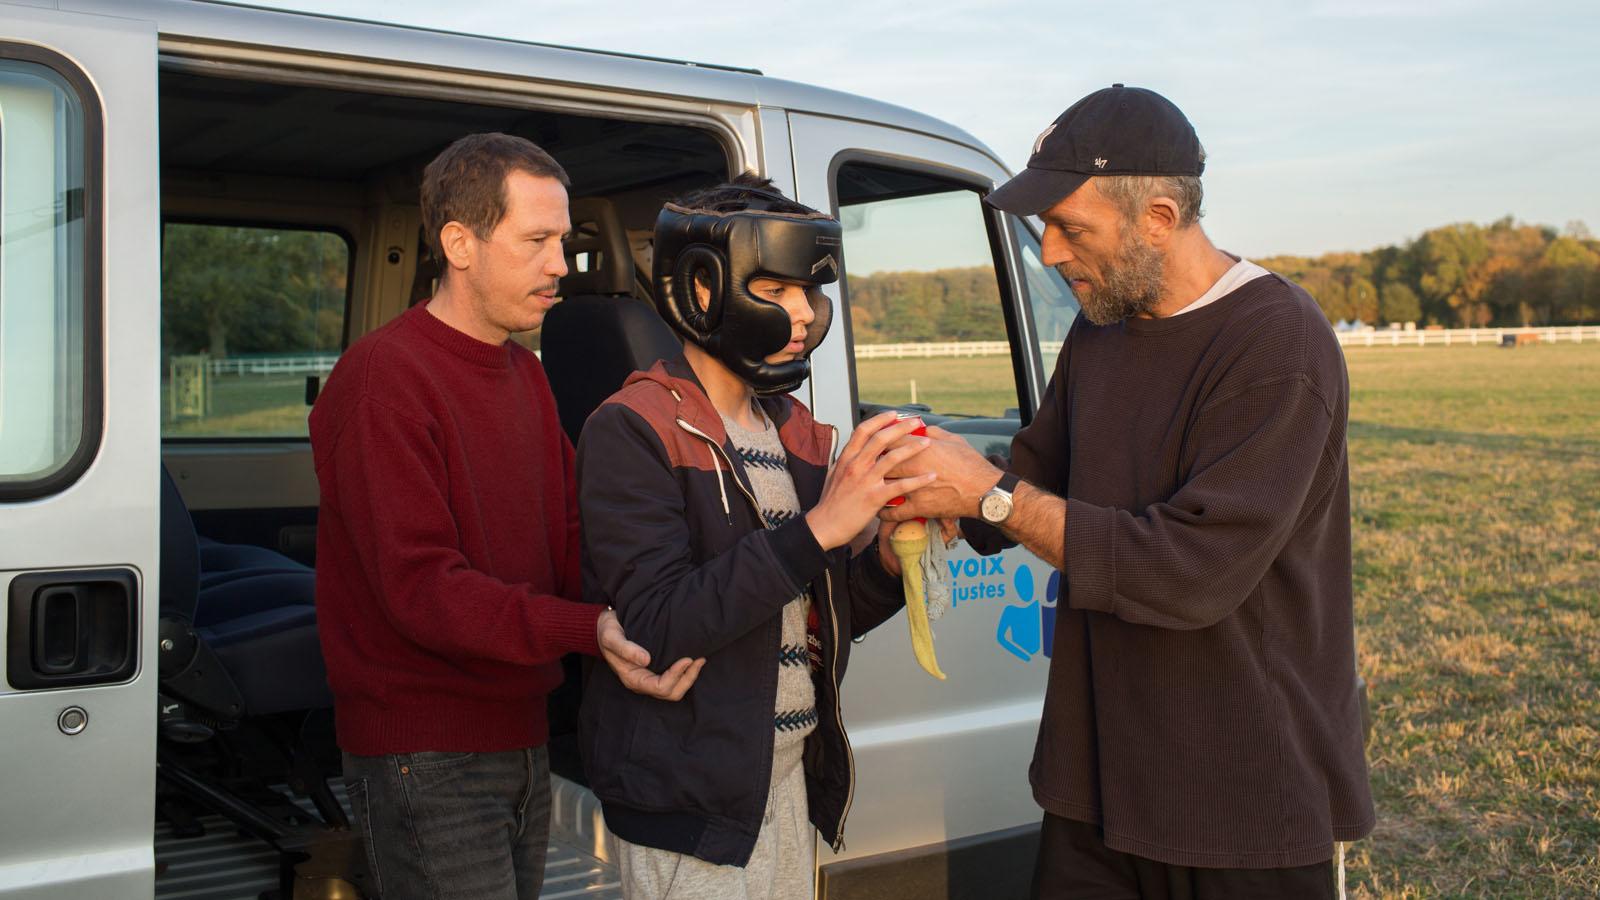 Hors Normes - Photo Reda Kateb, Vincent Cassel critique avis